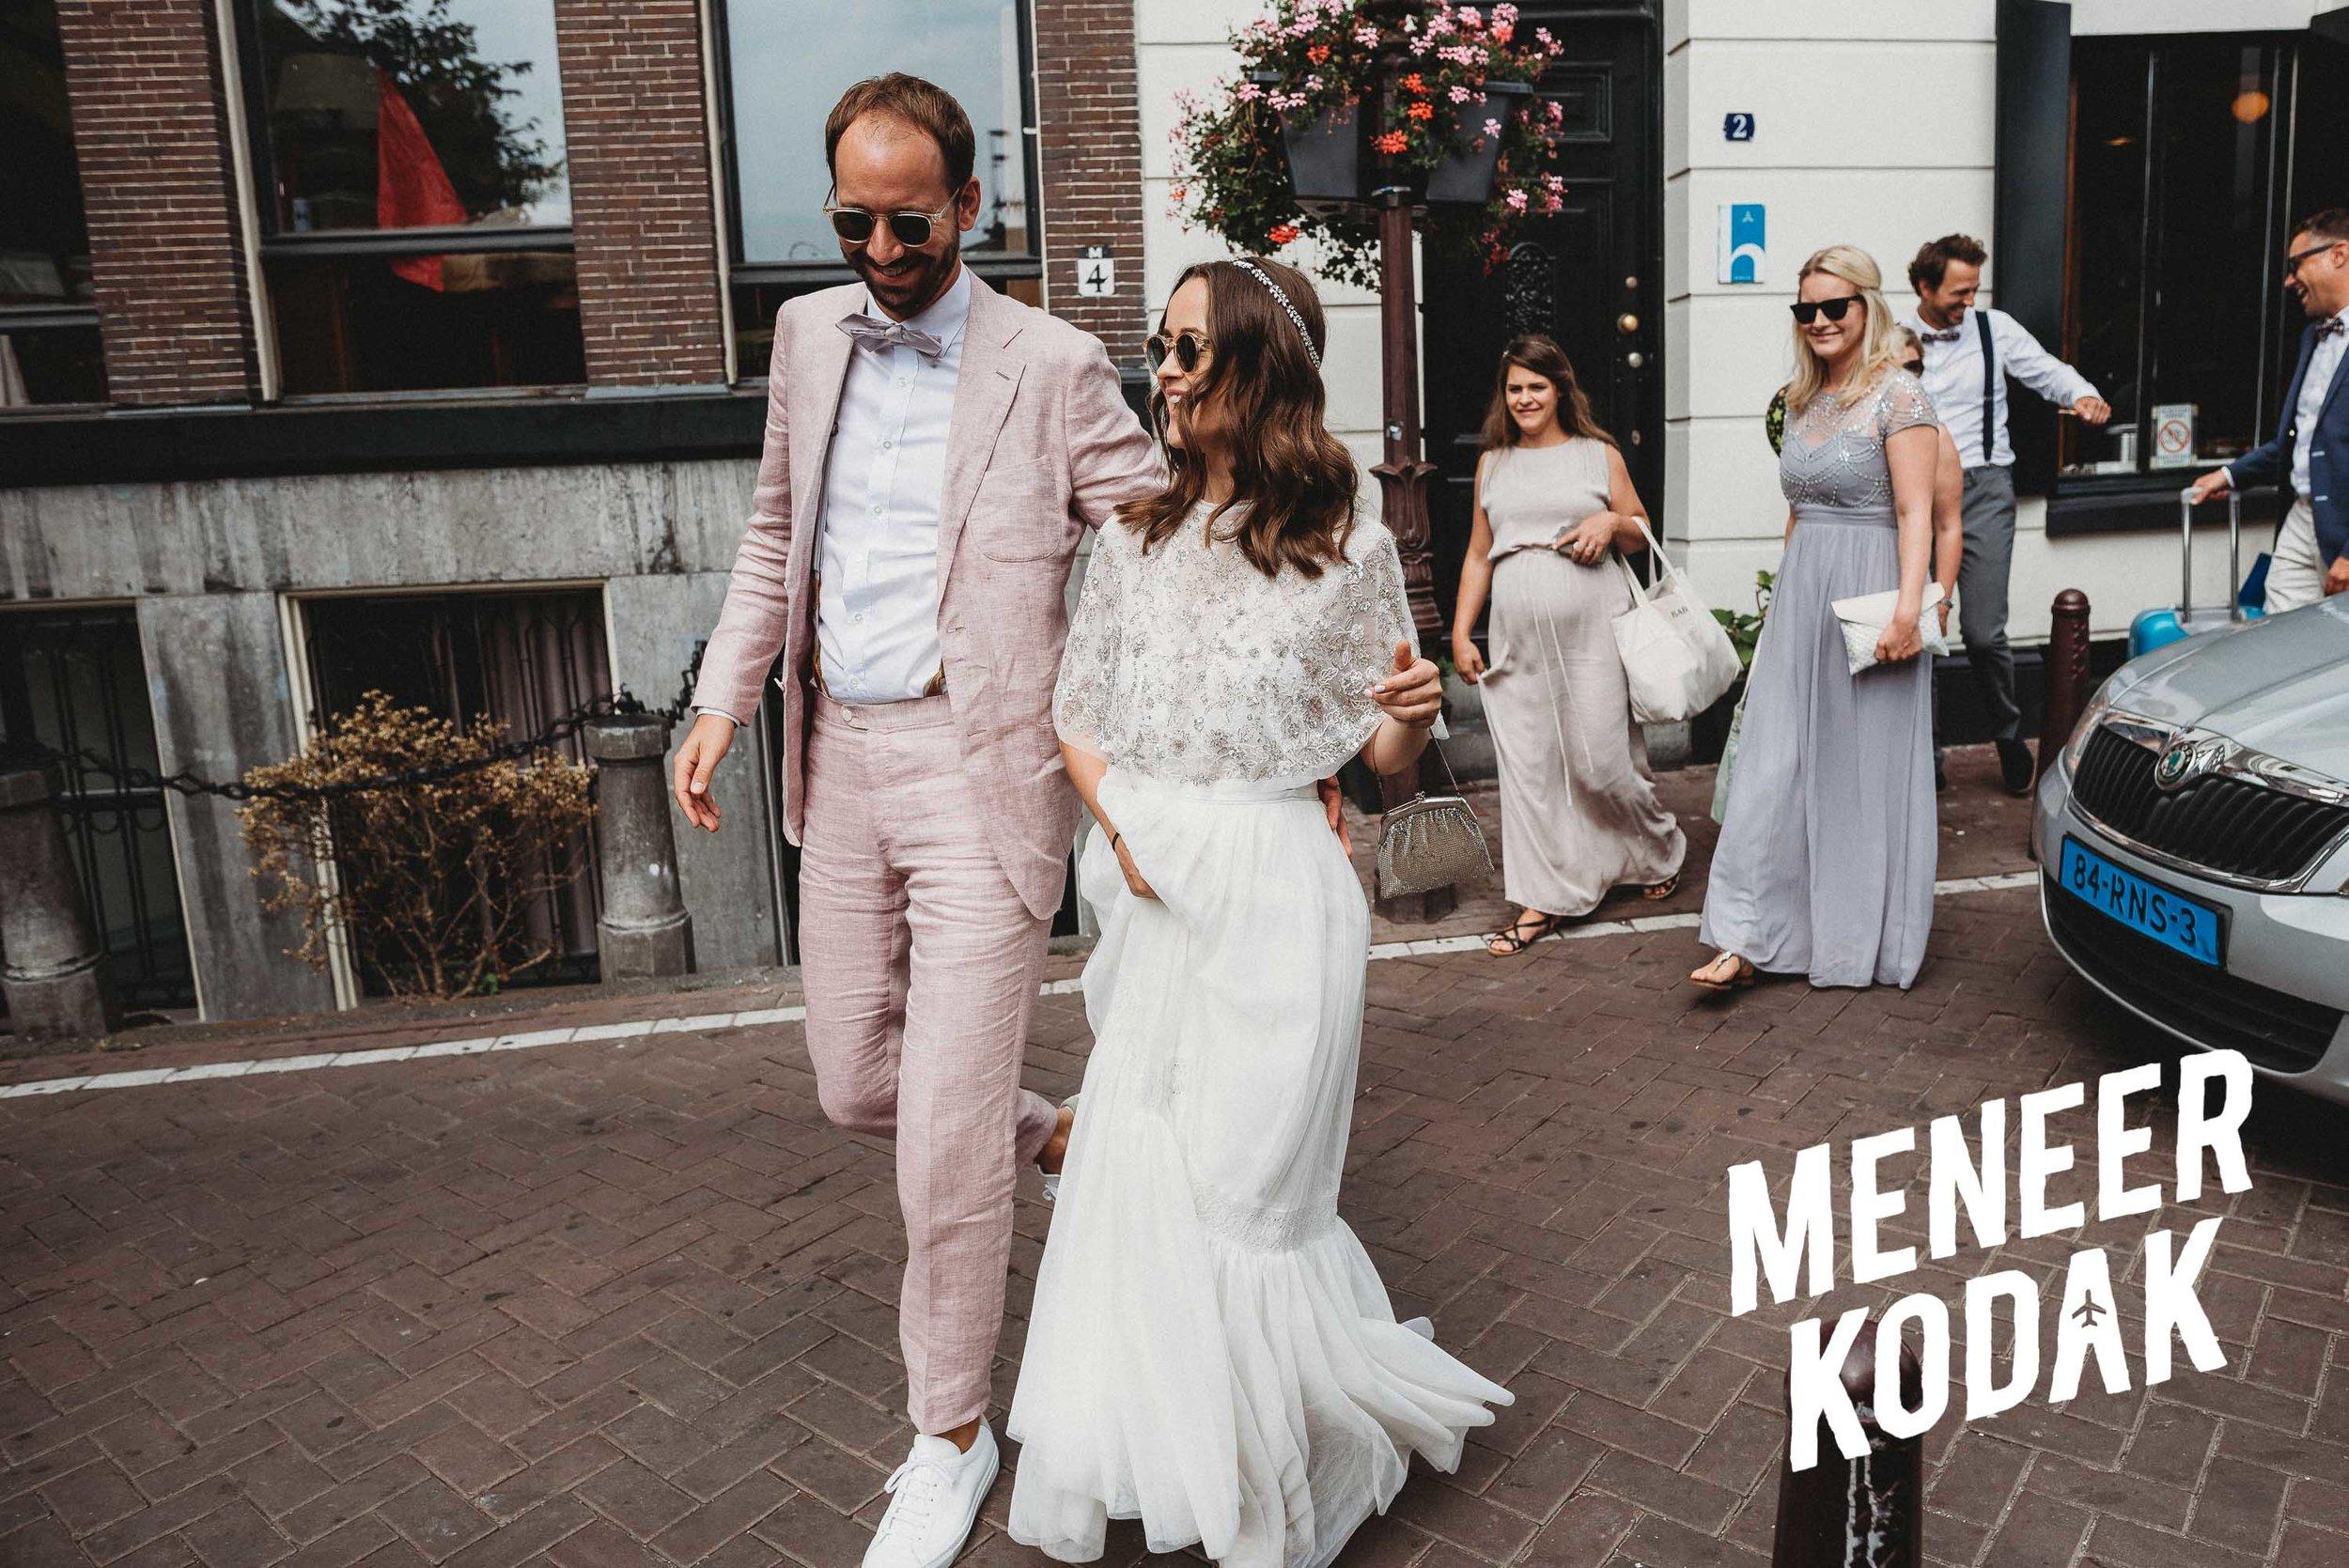 Meneer Kodak - Trouwfotograaf - Amsterdam - H&T-039.jpg